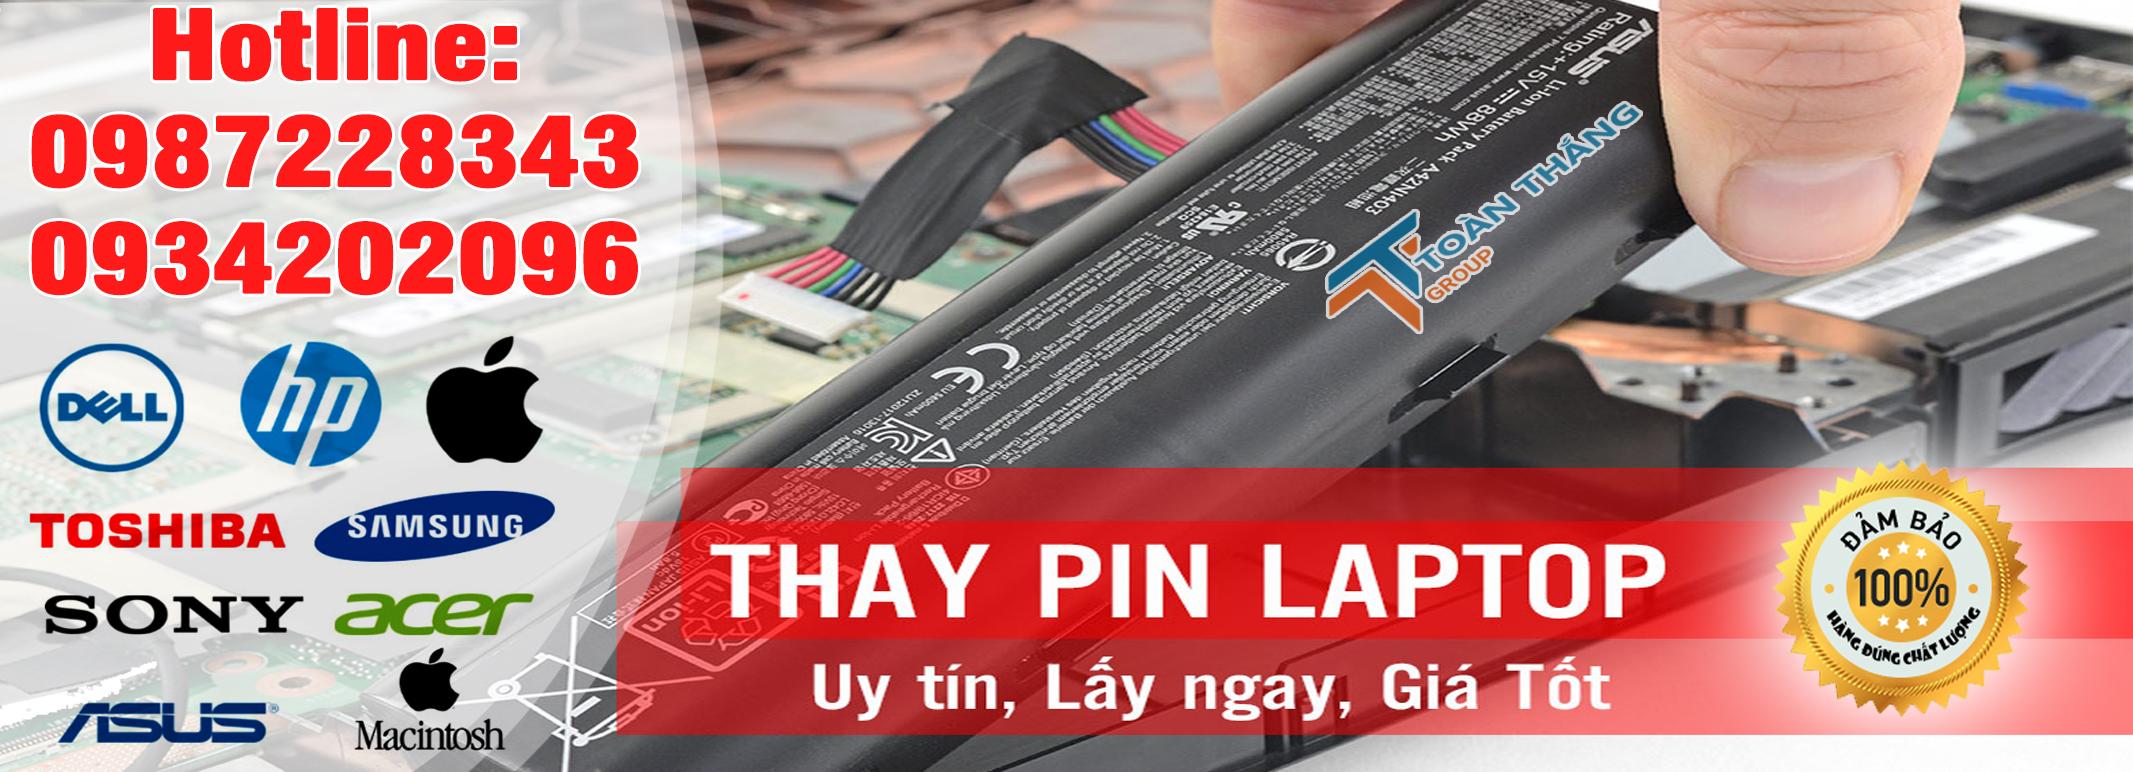 Công Ty Dịch Vụ Thay Pin Laptop Tận Nơi Quận 2 Uy Tín Nhanh